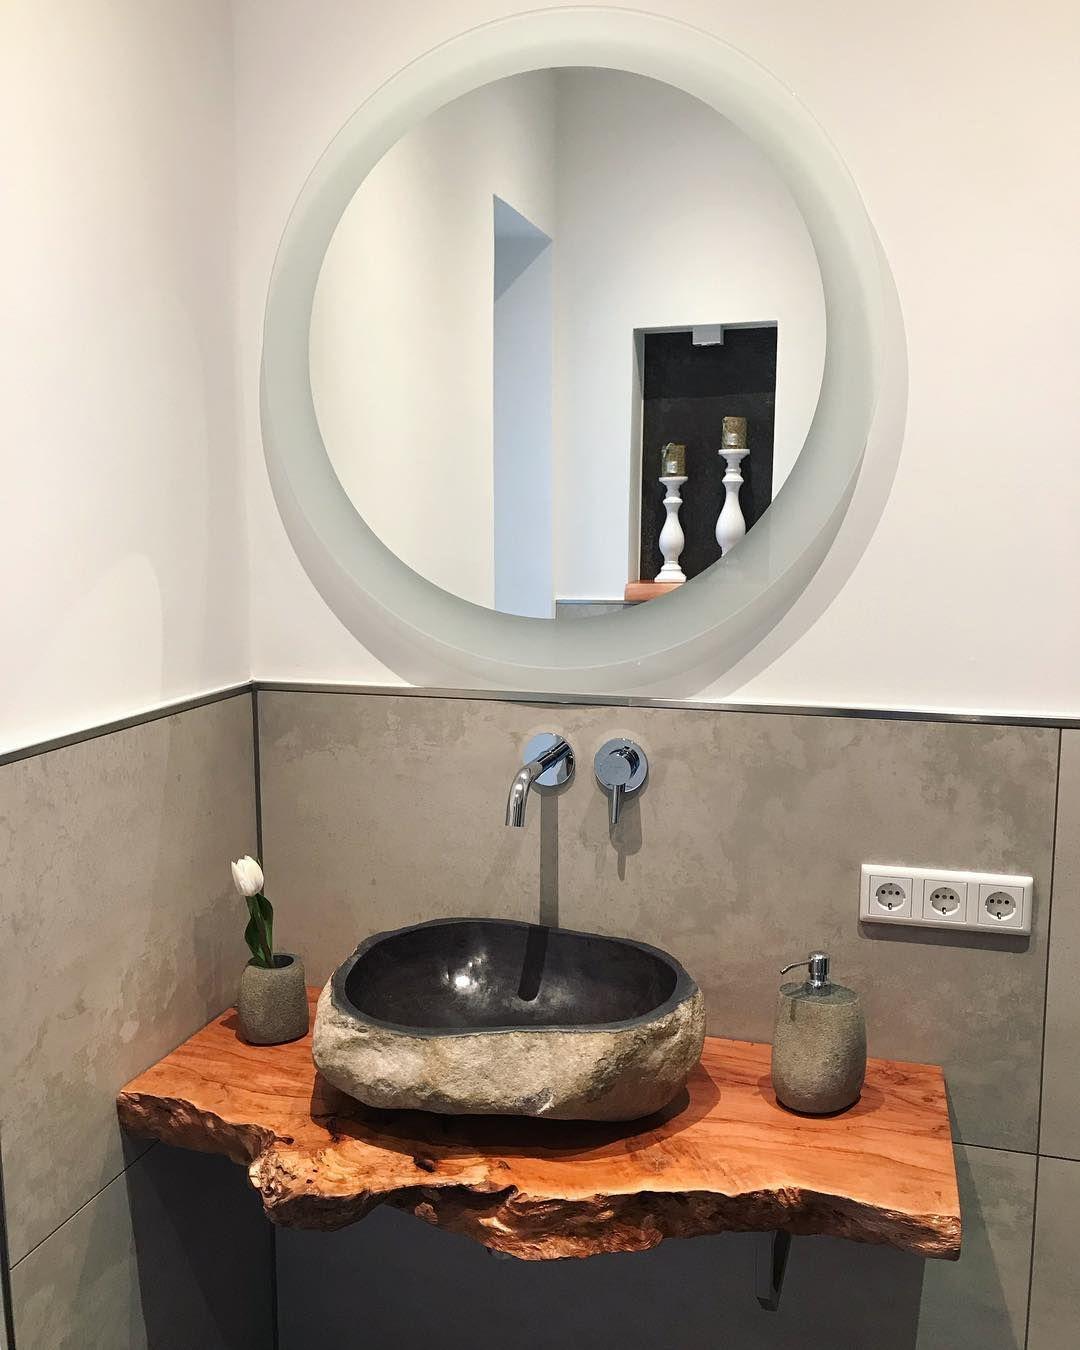 New The 10 Best Home Decor With Pictures Heute Ist Unser Spiegel Mit Beleuchtung Gekommen Perfekt Zum Mit Bildern Holzwaschtisch Badezimmer Spiegel Mit Beleuchtung